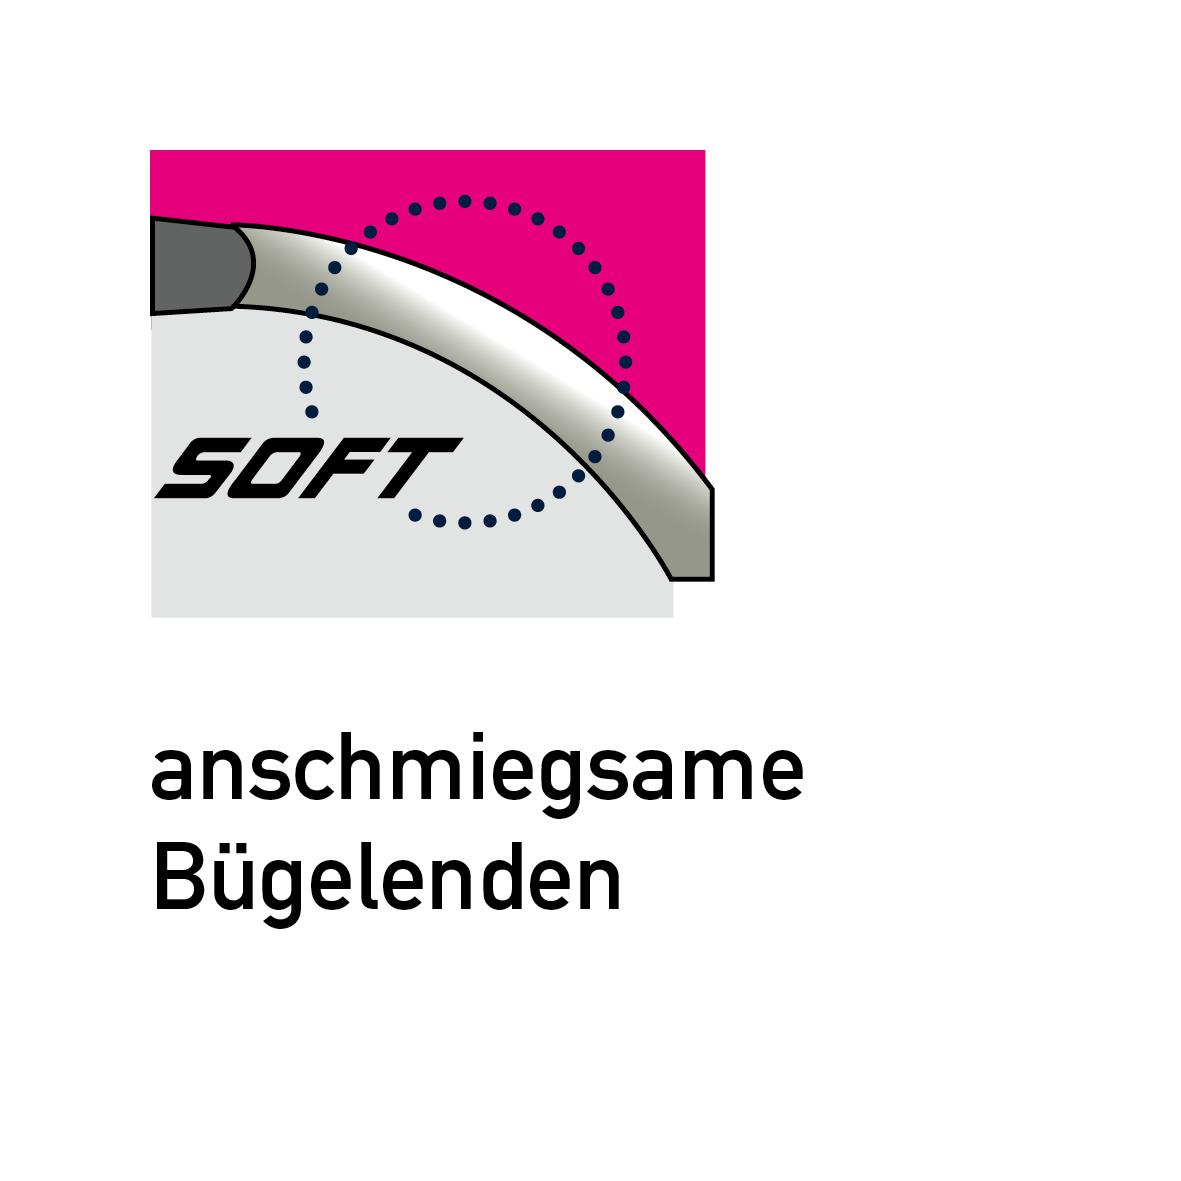 Anschmiegsame_Buegelenden